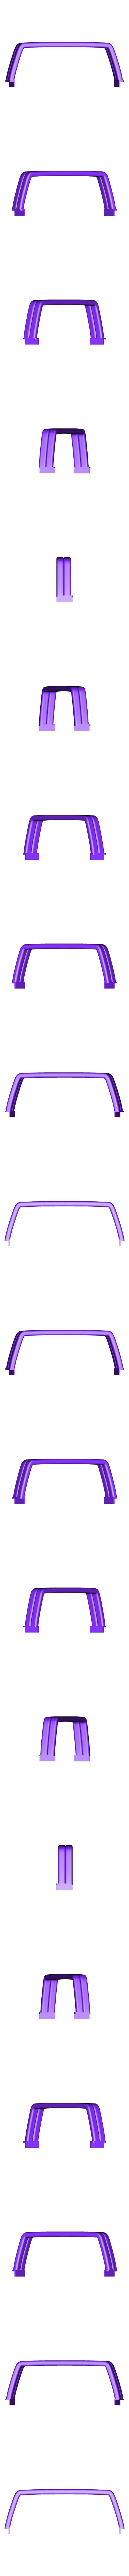 YOTA rool bar V1 thin.stl Télécharger fichier STL gratuit TOYOTA HARD ROOL BAR SCX10 RC4WD K5 TRX4 • Design pour imprimante 3D, kiatkla